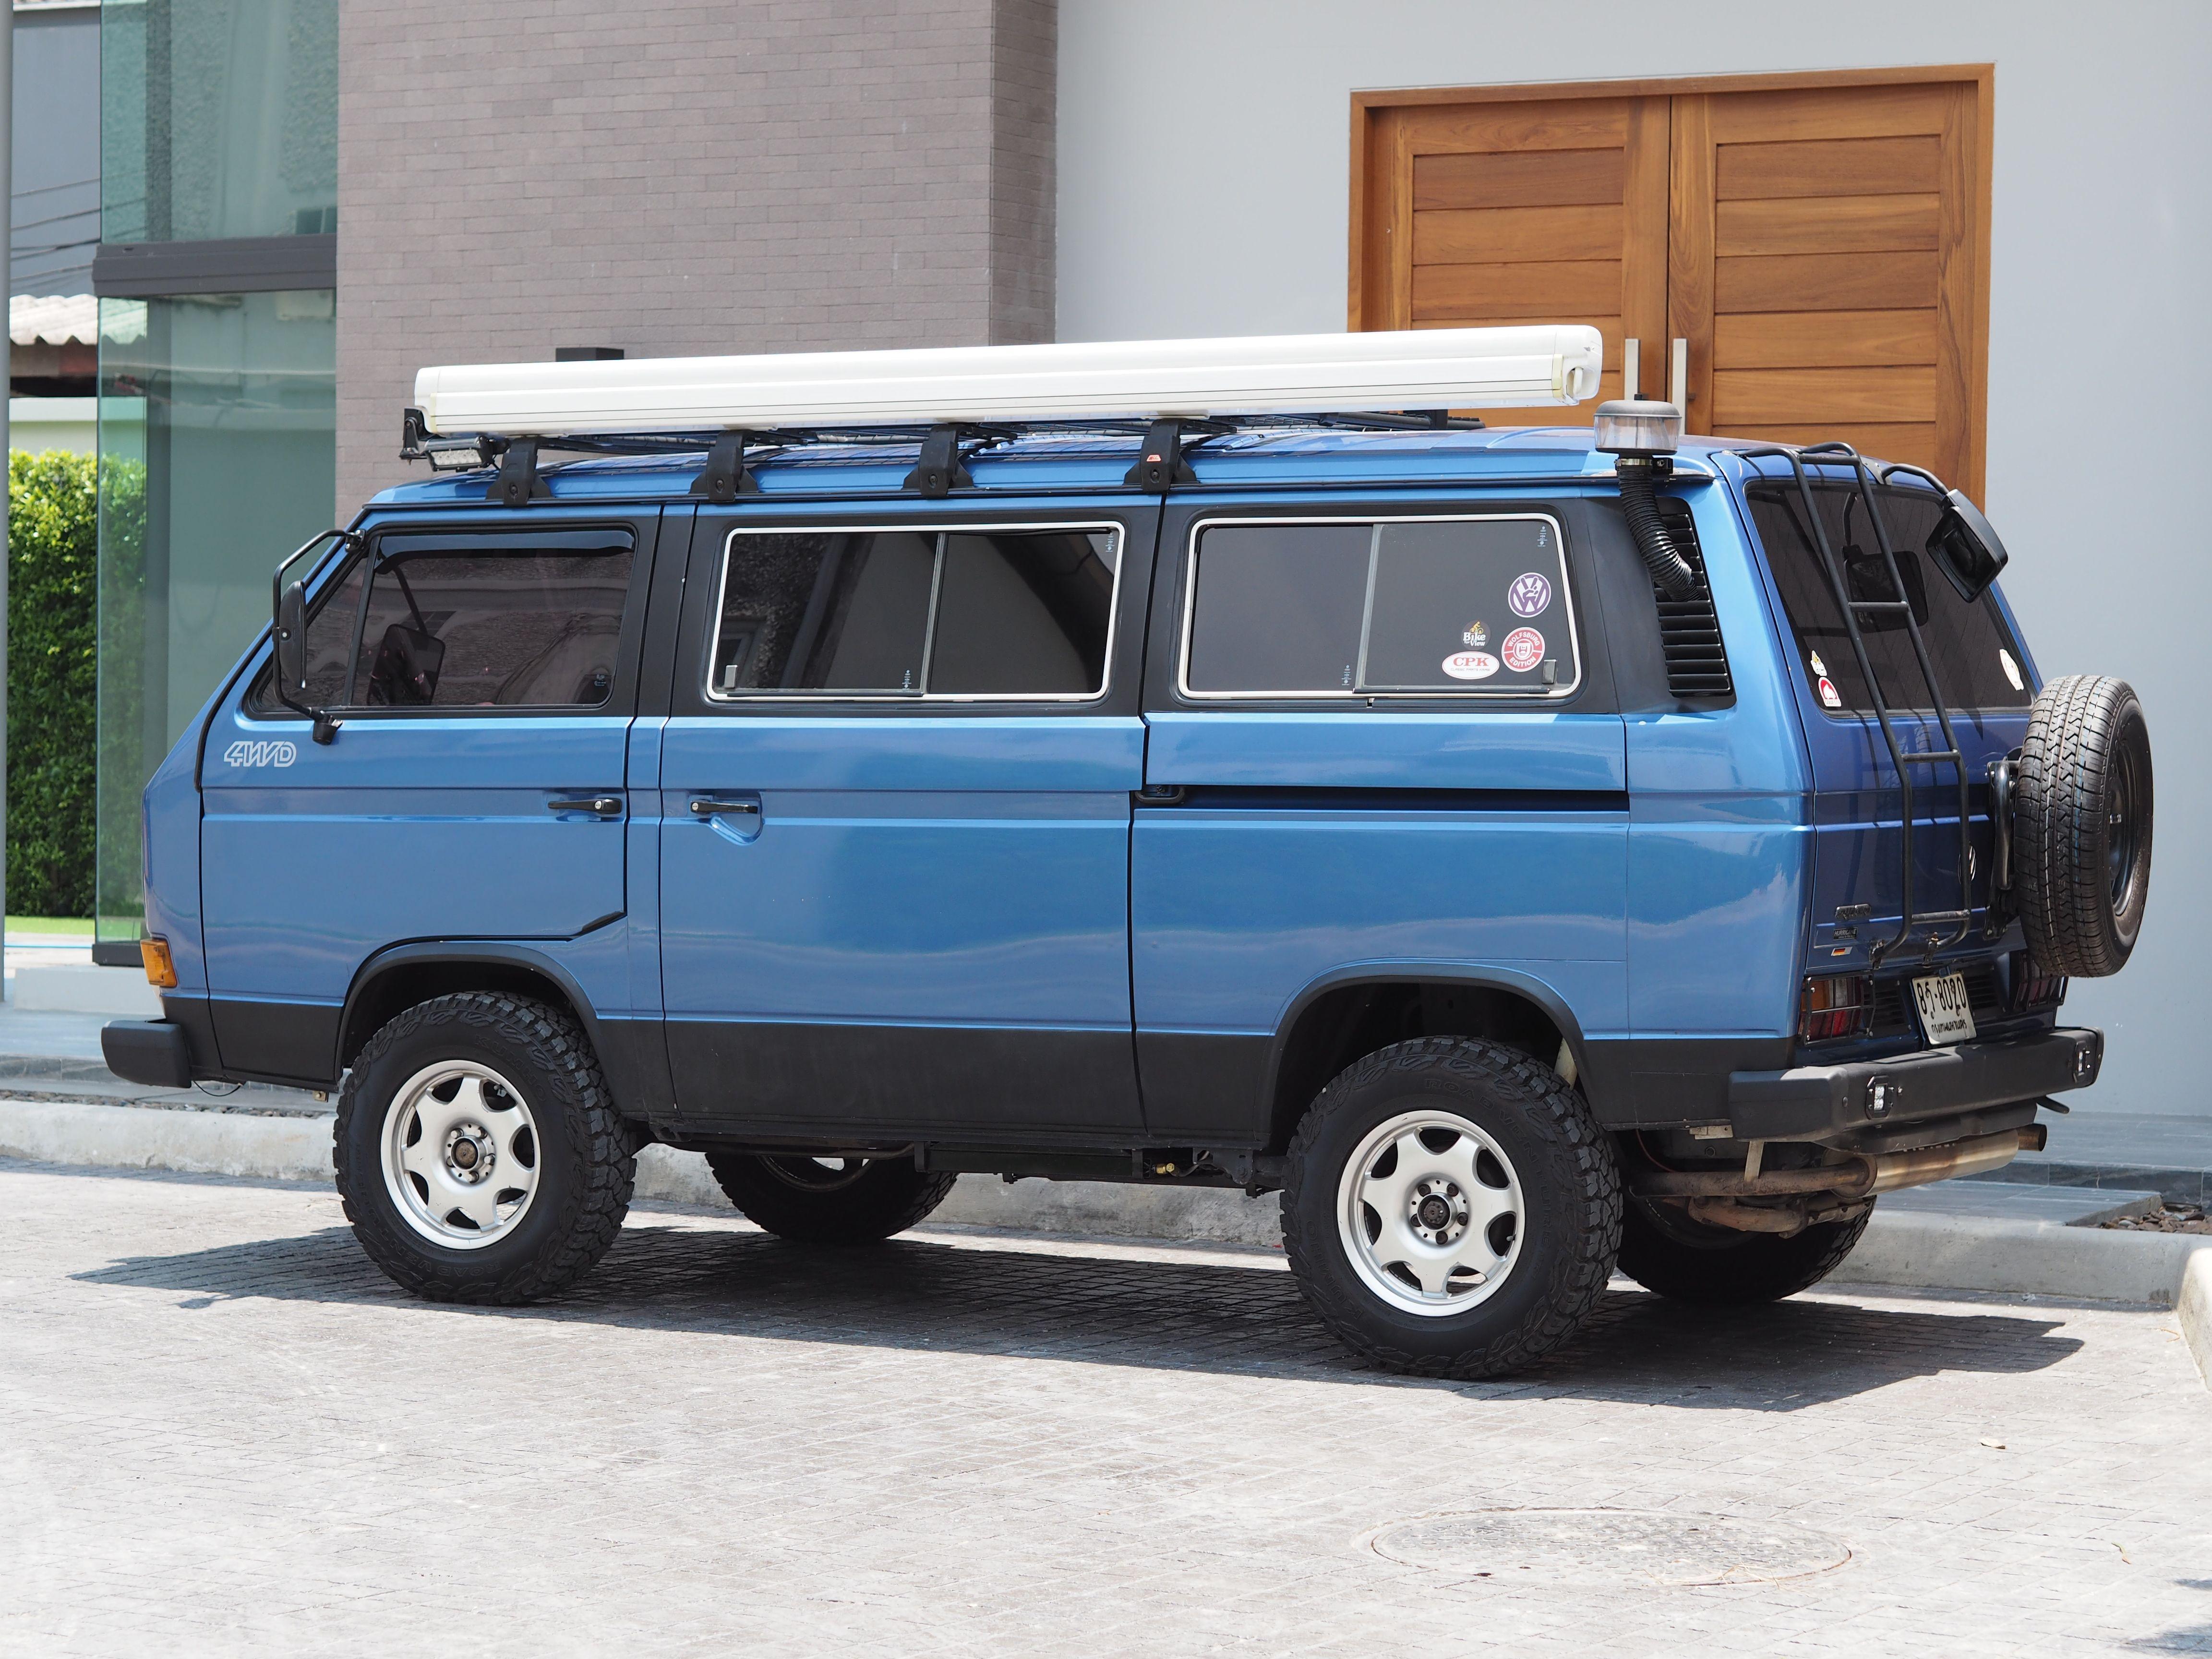 Wv t3 транспортер обеспечение безопасности элеваторов